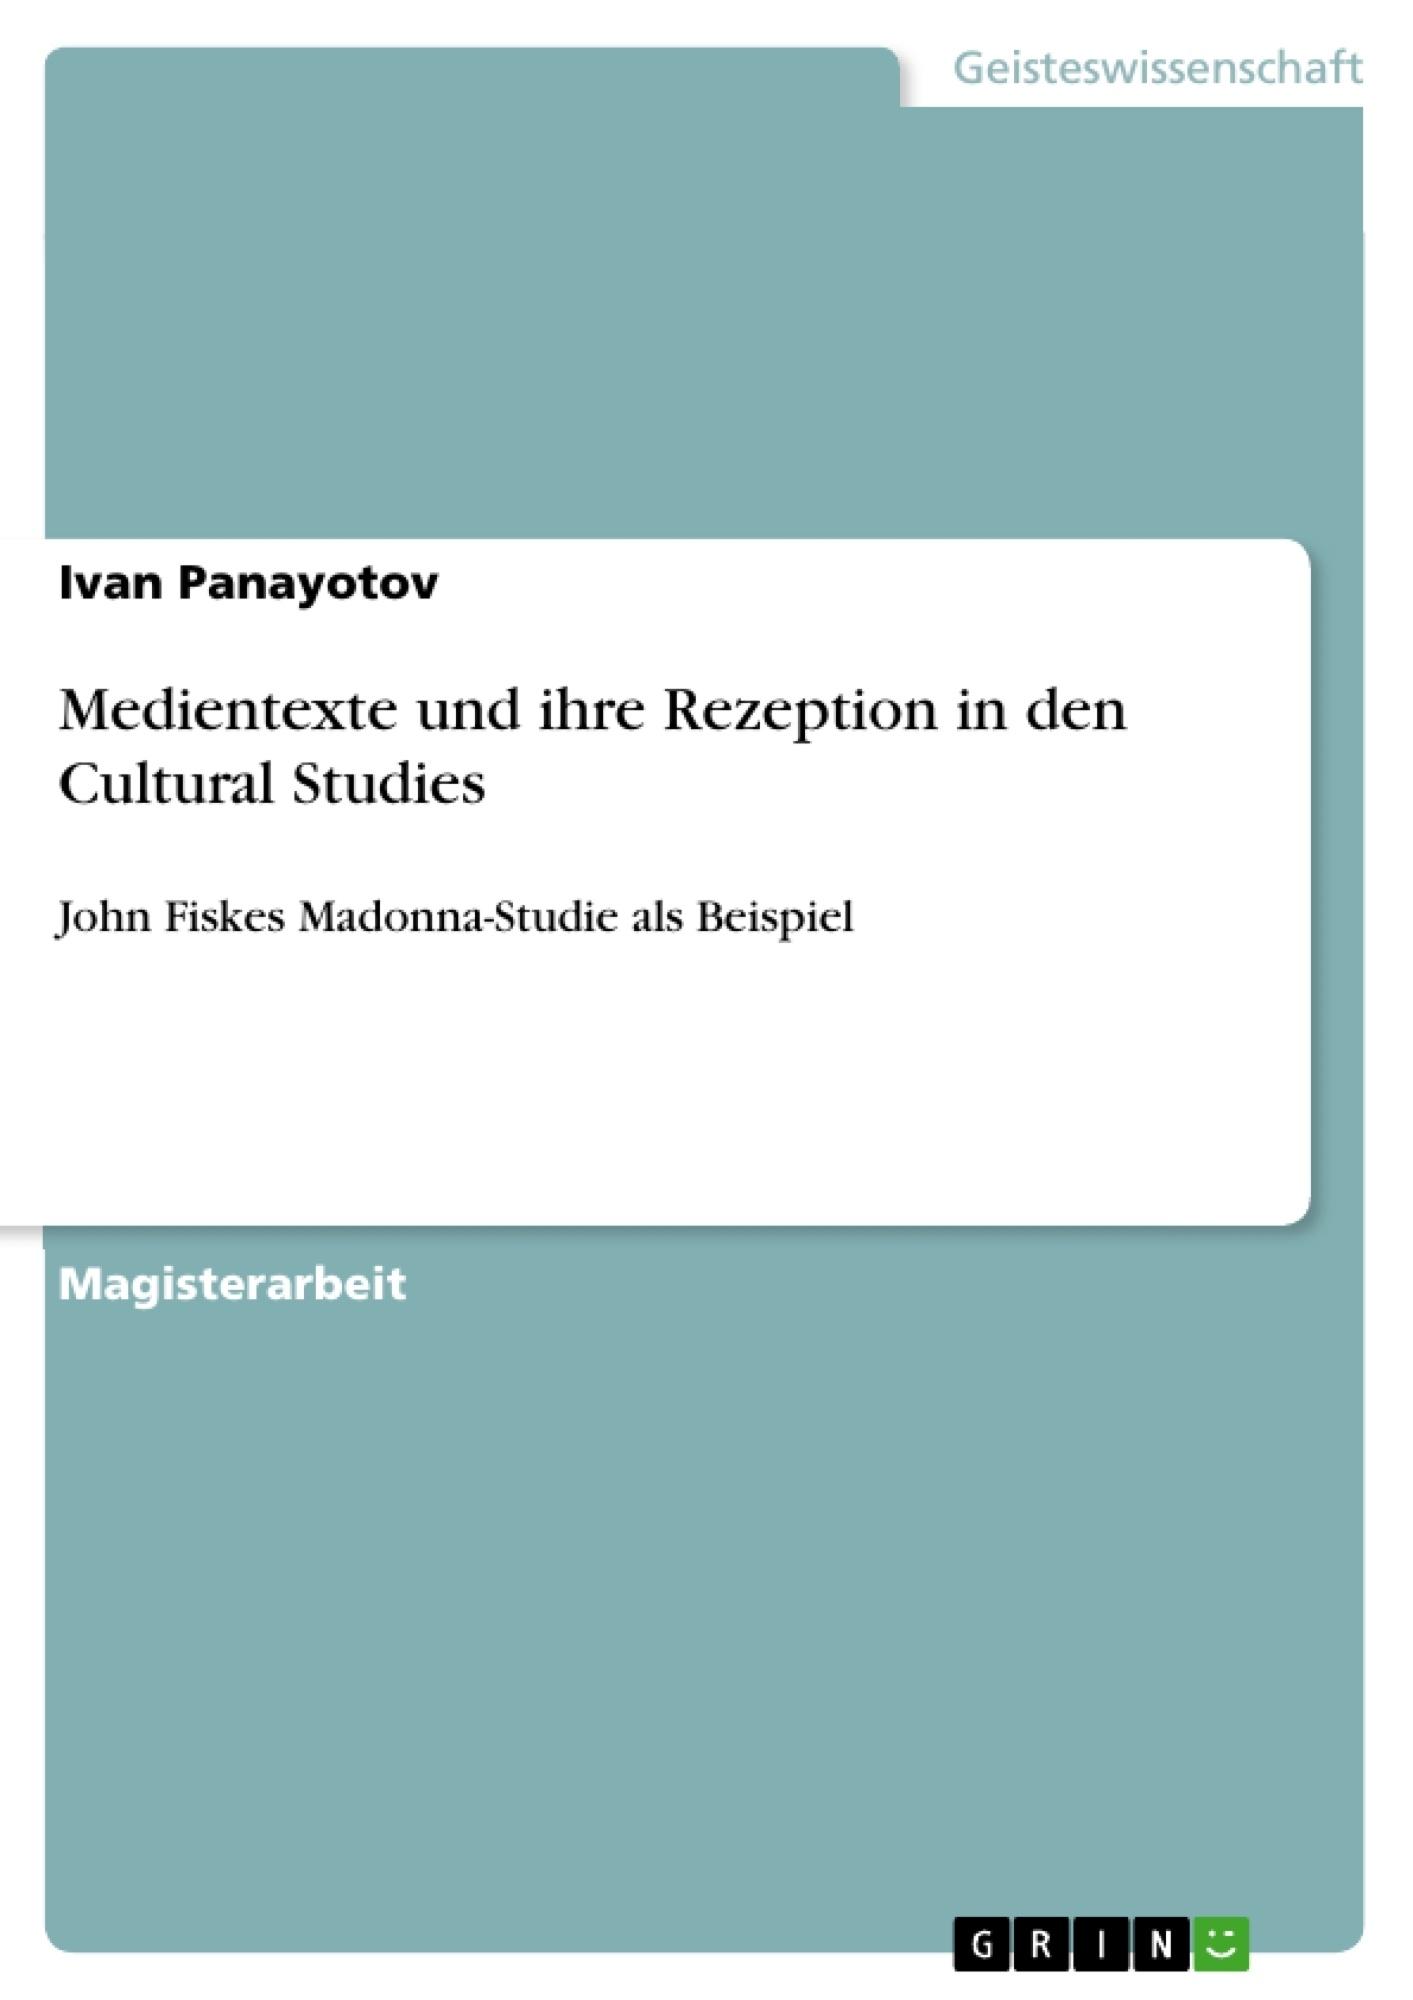 Titel: Medientexte und ihre Rezeption in den Cultural Studies